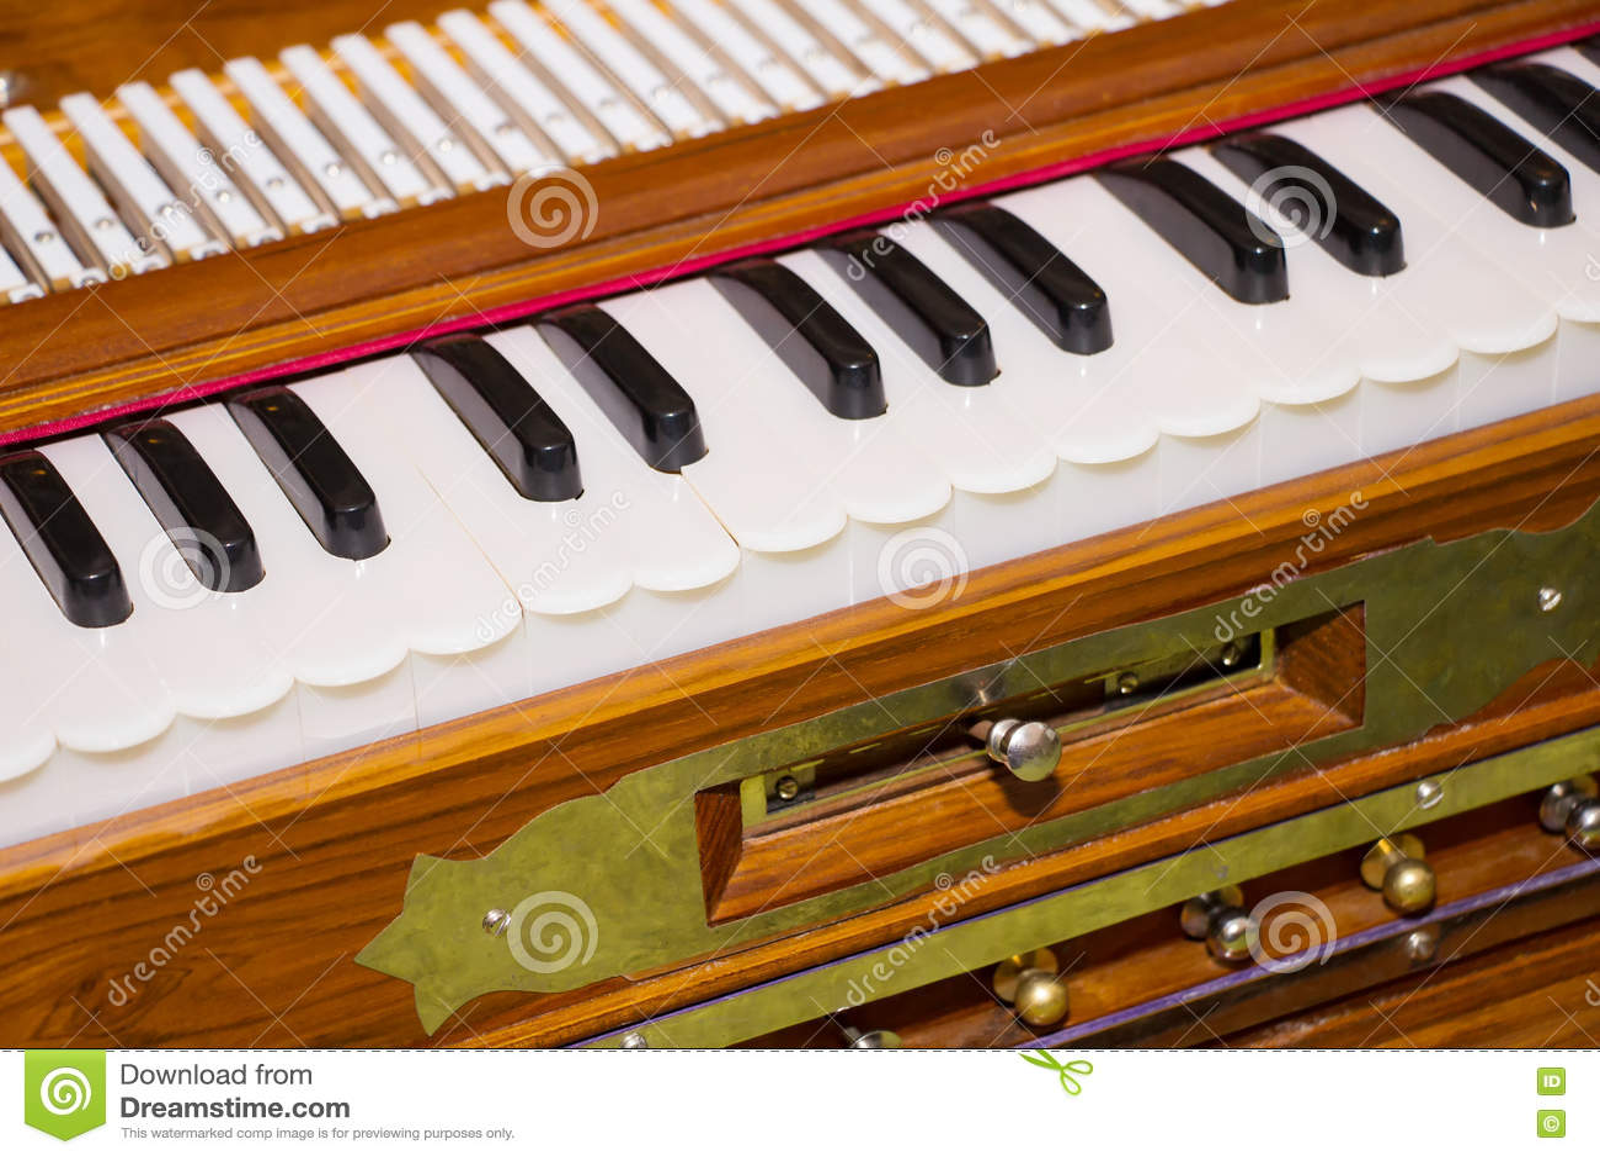 Modernes tragbares Harmonium, traditionelles Tastaturmusical instrume